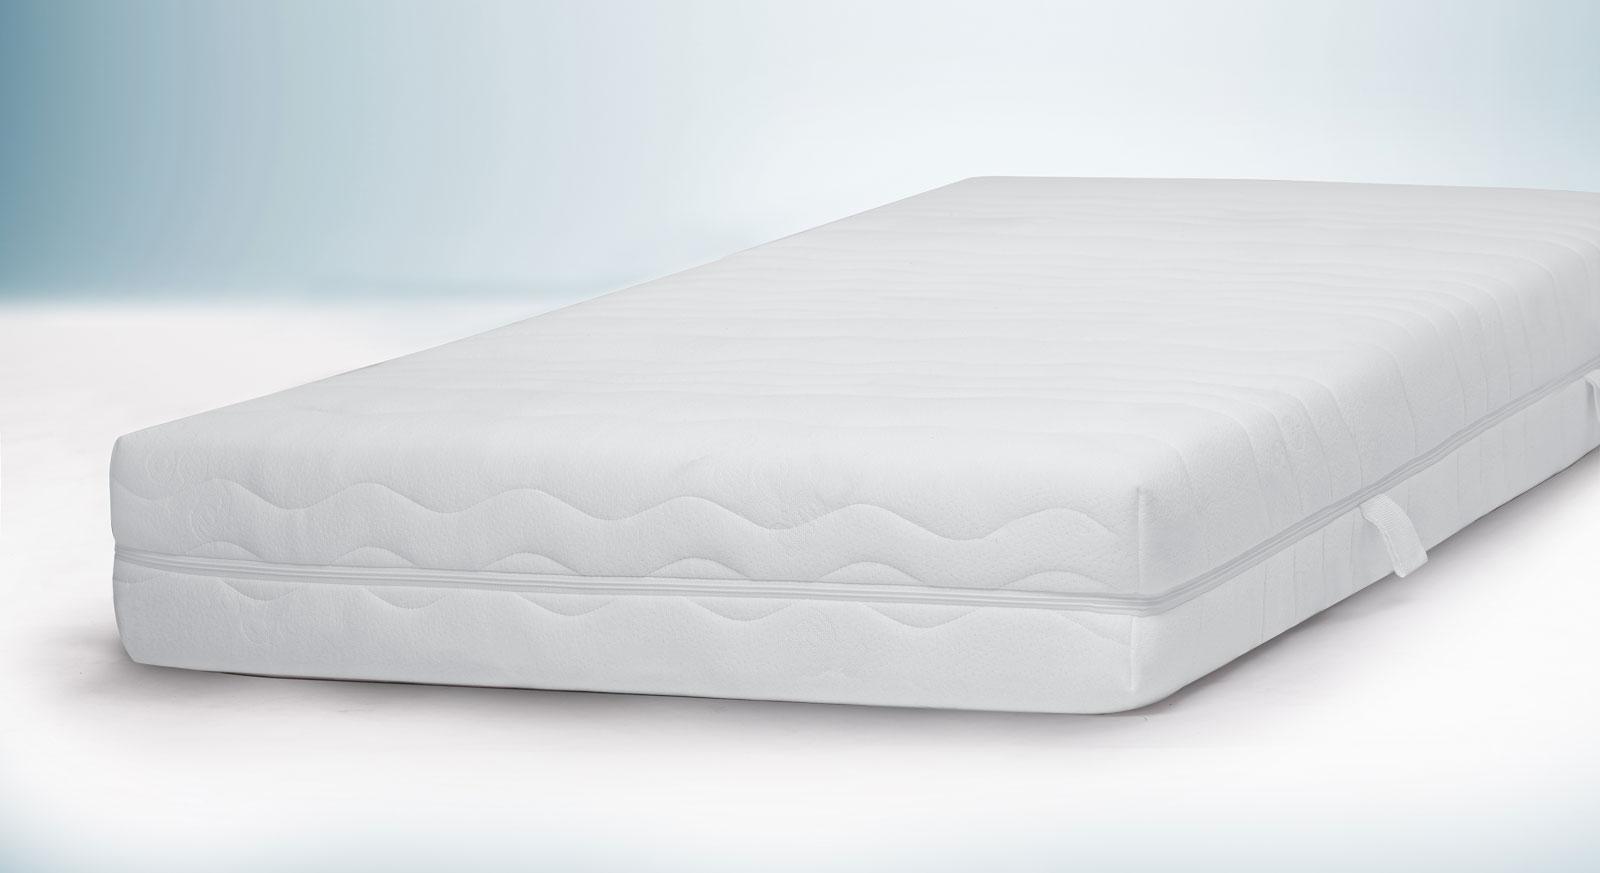 Kaltschaummatratze youSleep 700 inklusive Matratzenbezug mit Aloe Vera